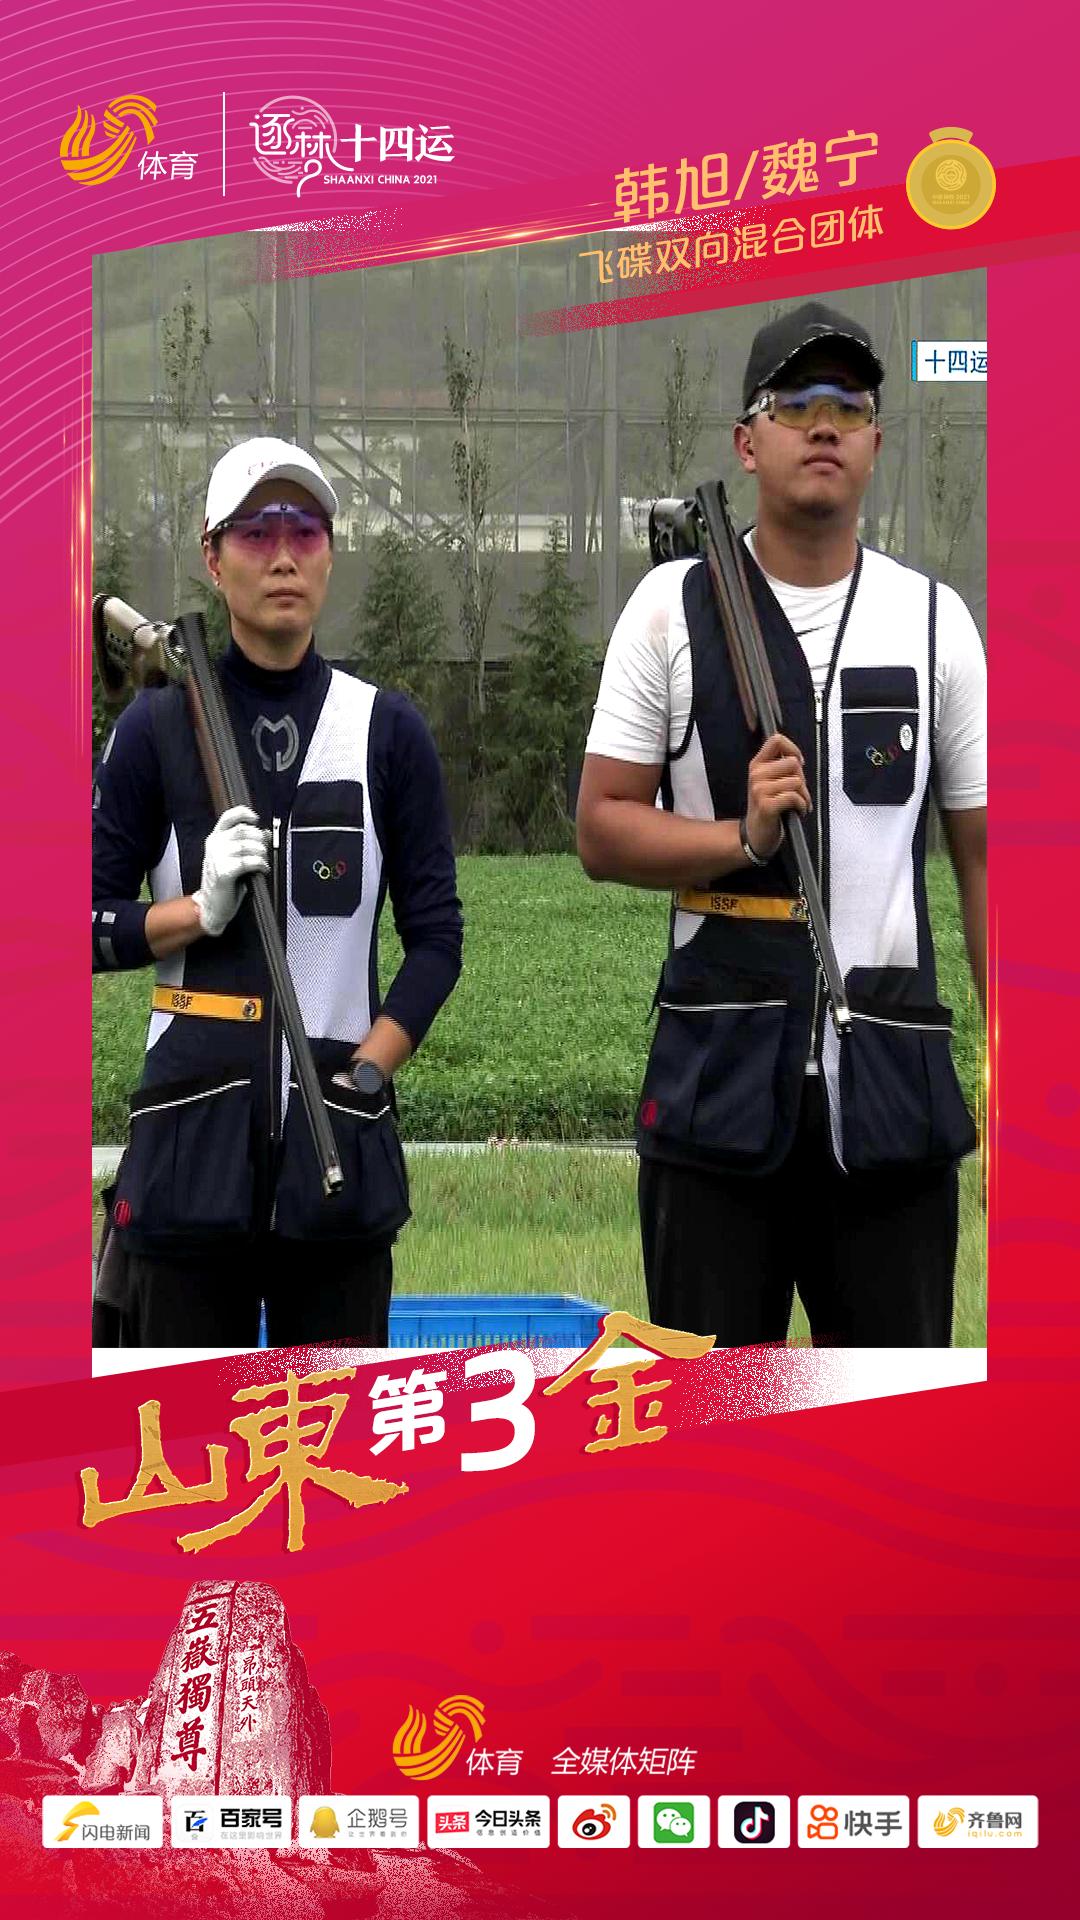 全运第三金!山东组合韩旭/魏宁获得飞碟双向混合团体金牌